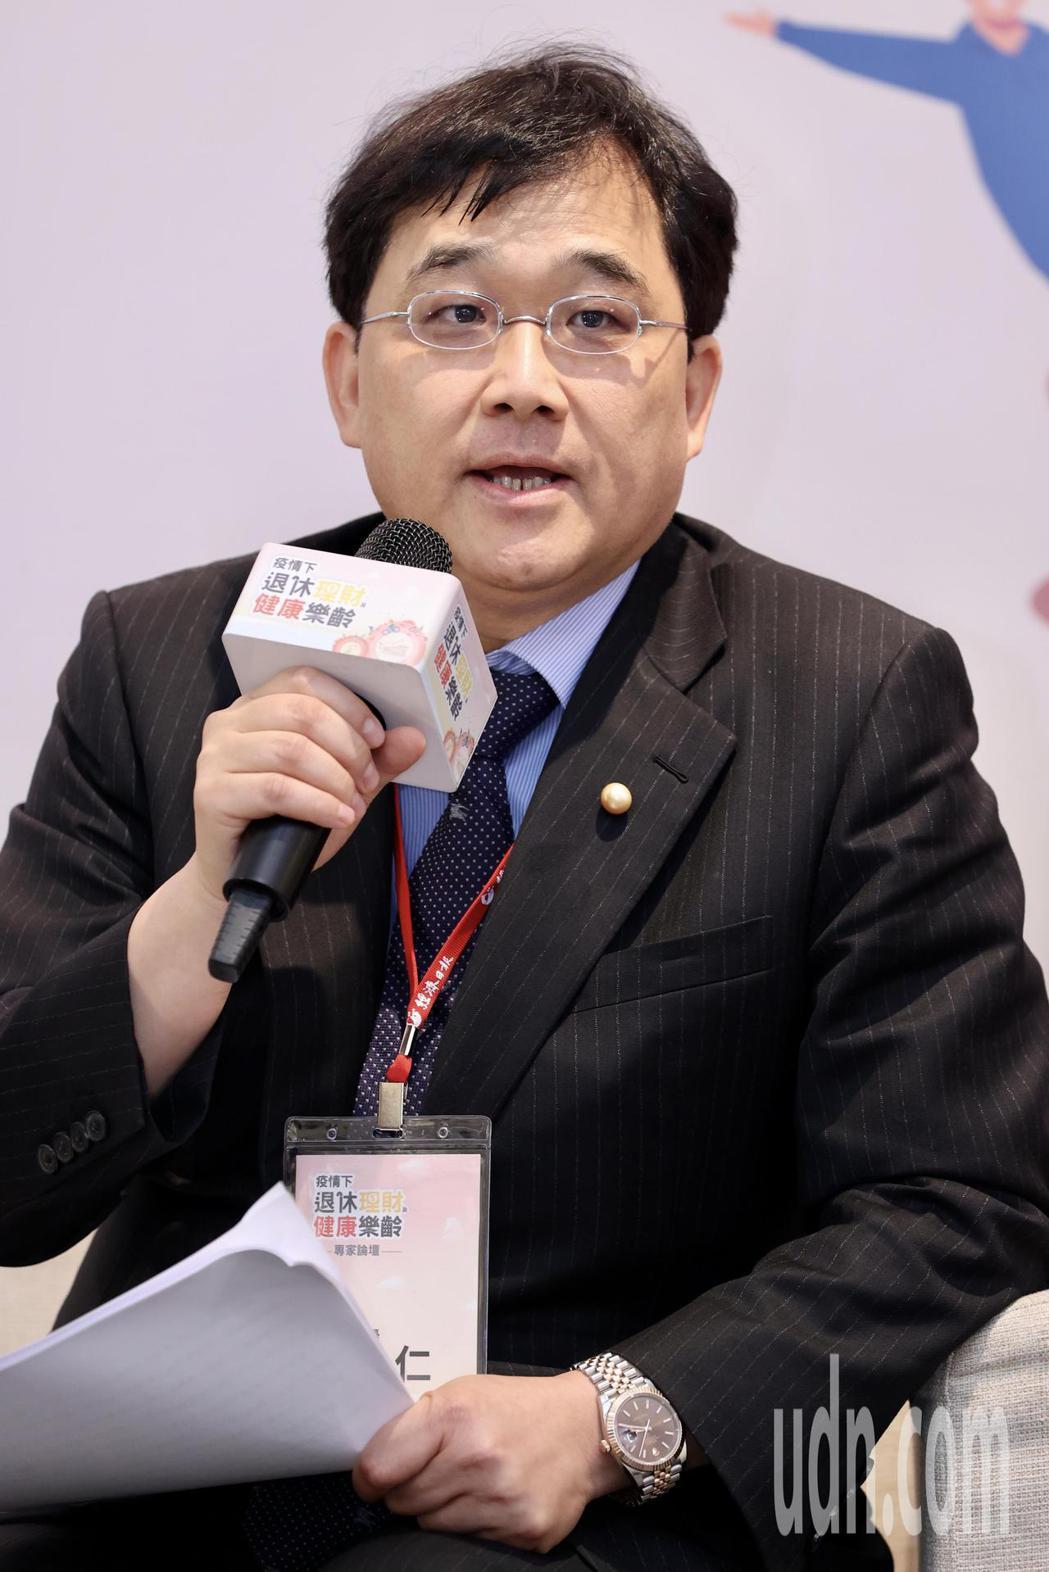 新光醫院副院長洪子仁。記者林俊良/攝影